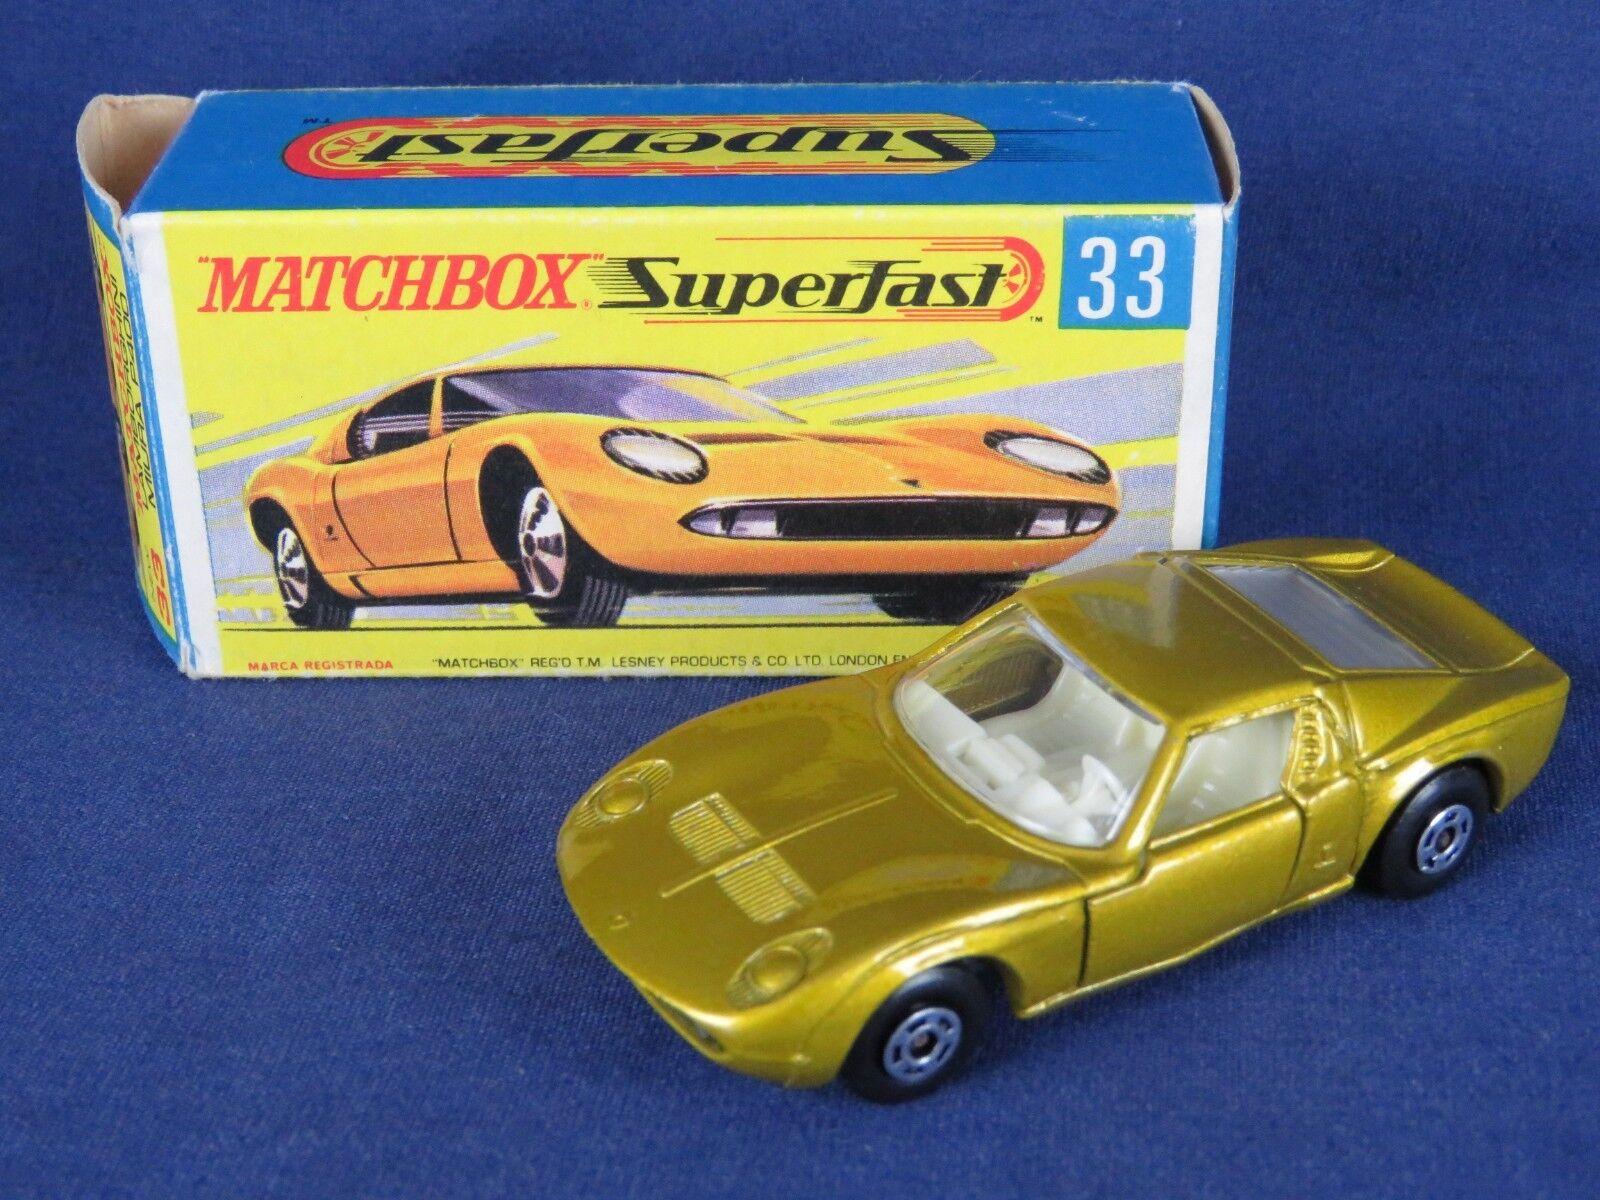 LESNEY MATCHBOX SUPERFAST VNTG 1969  33 Lamborghini  Miura P400 Comme neuf avec boîte d'orig.  le meilleur service après-vente